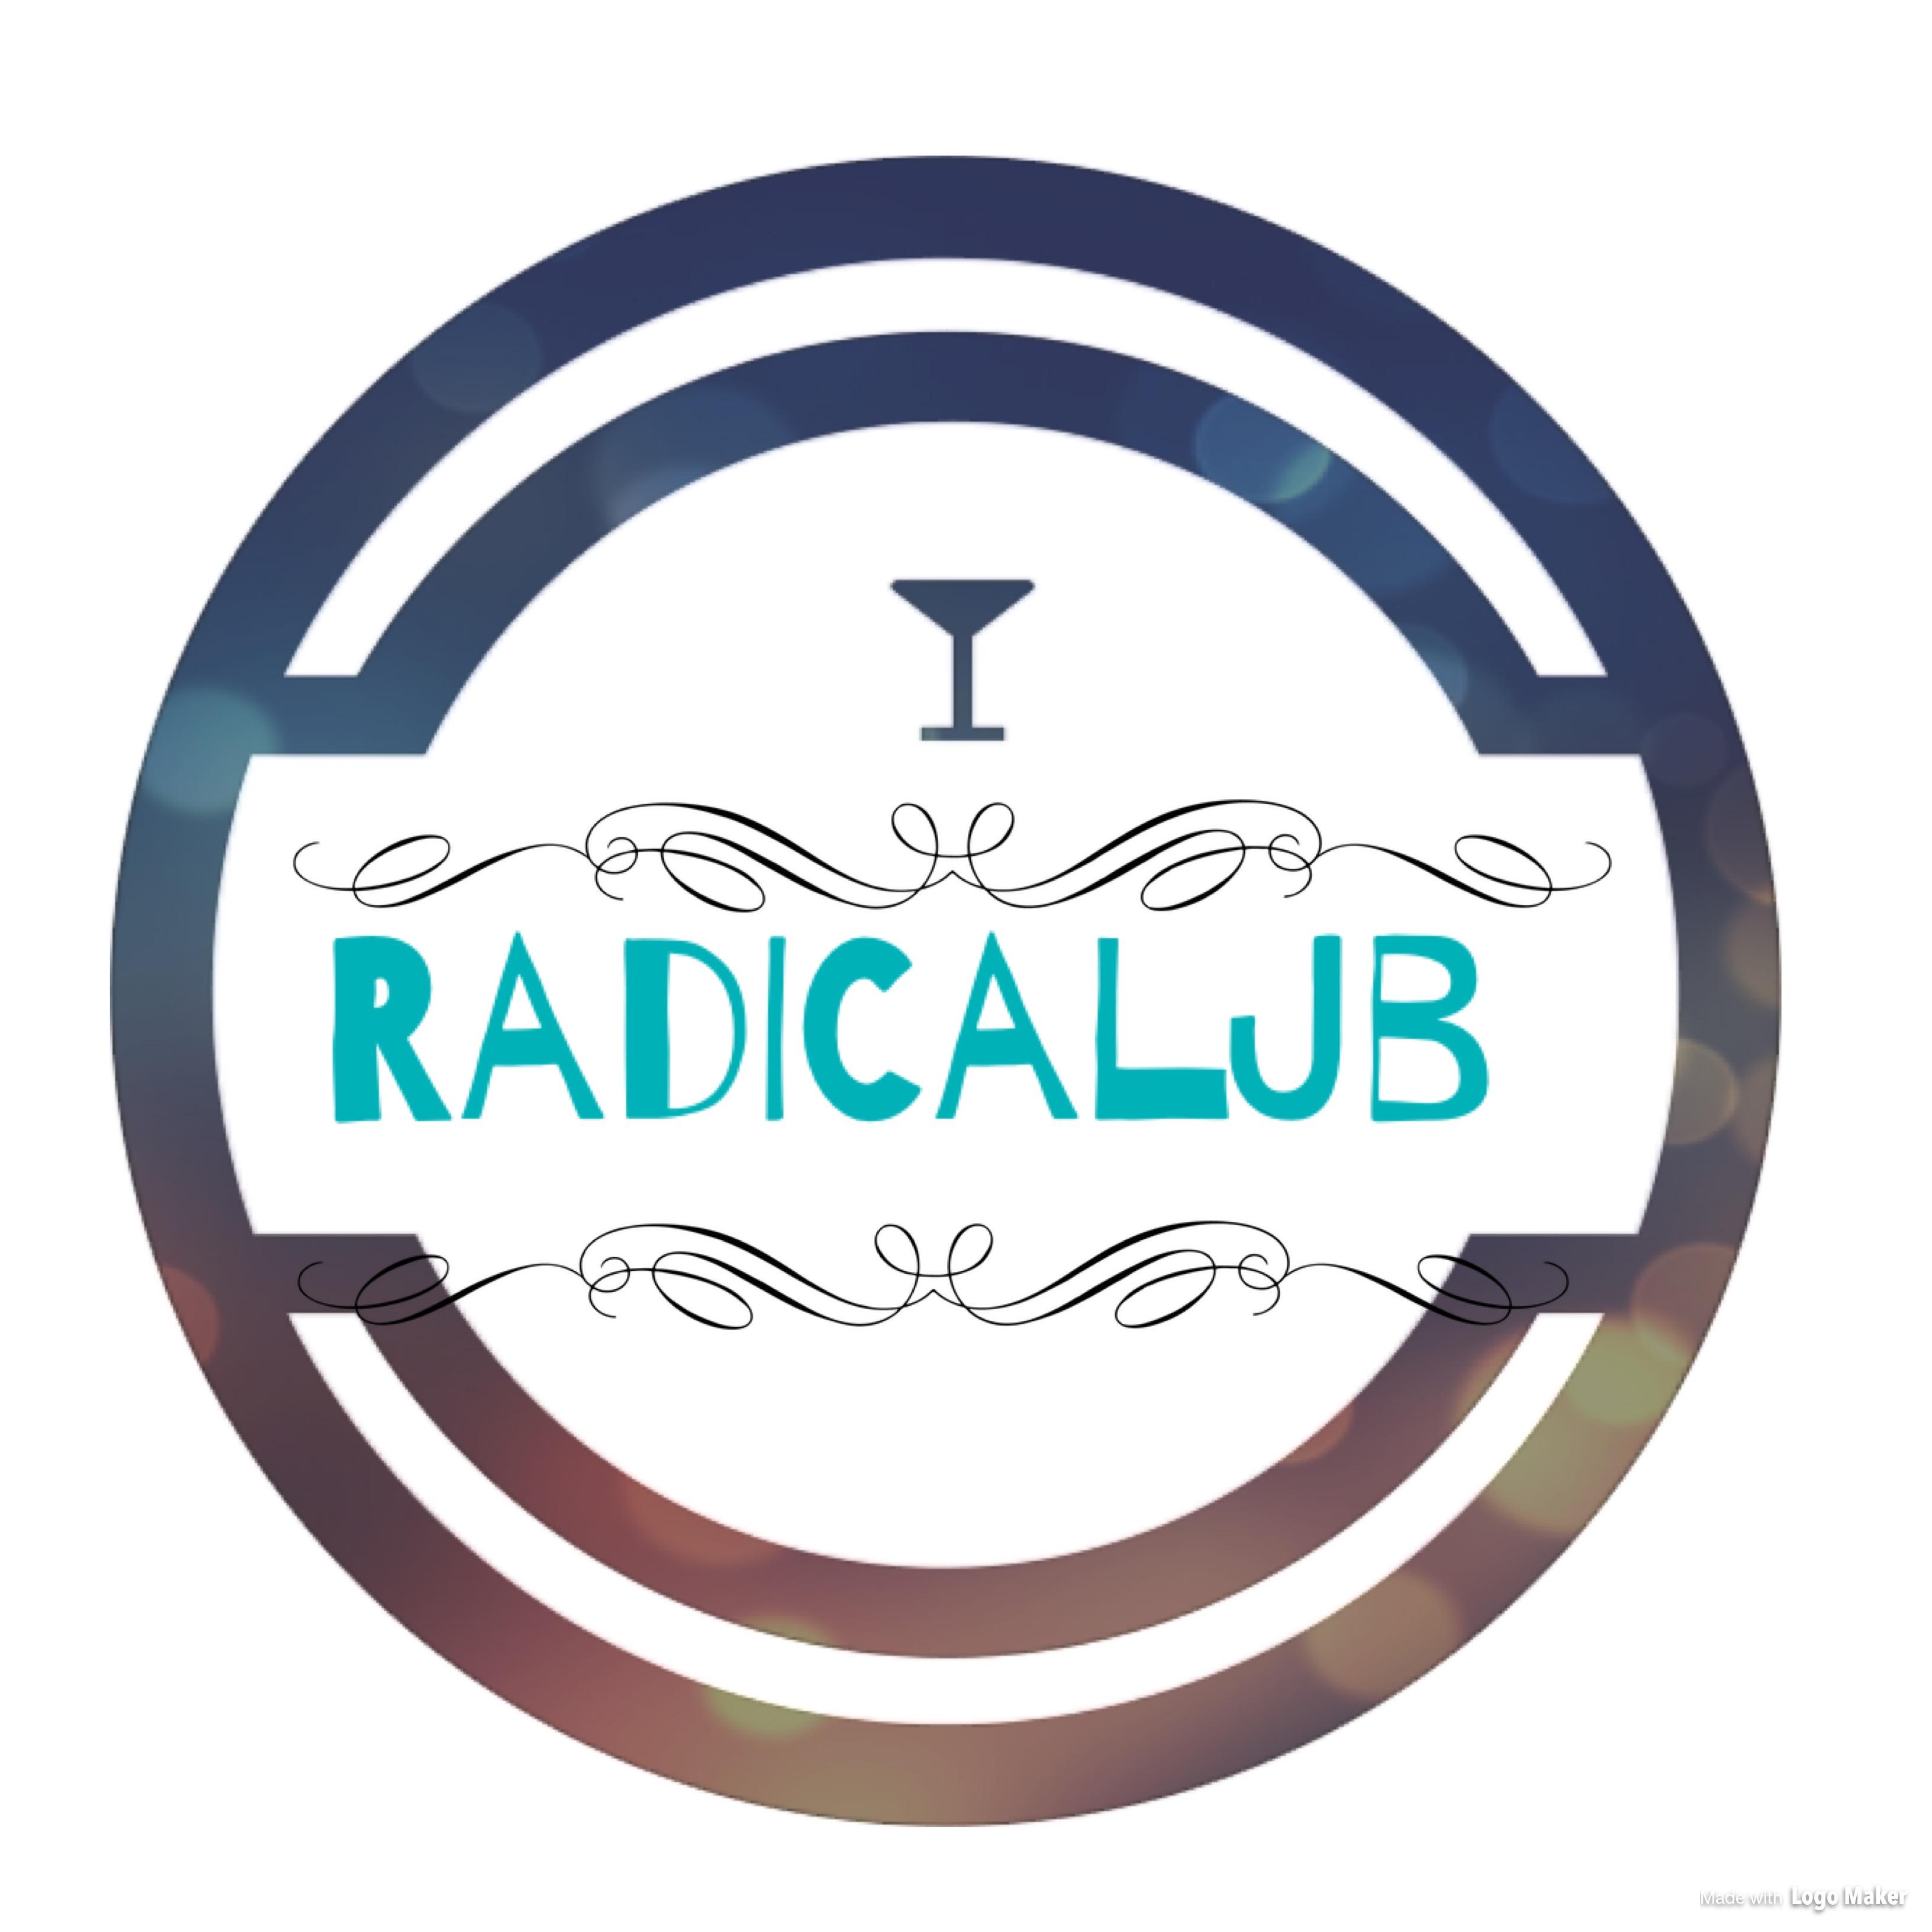 RadicalJB